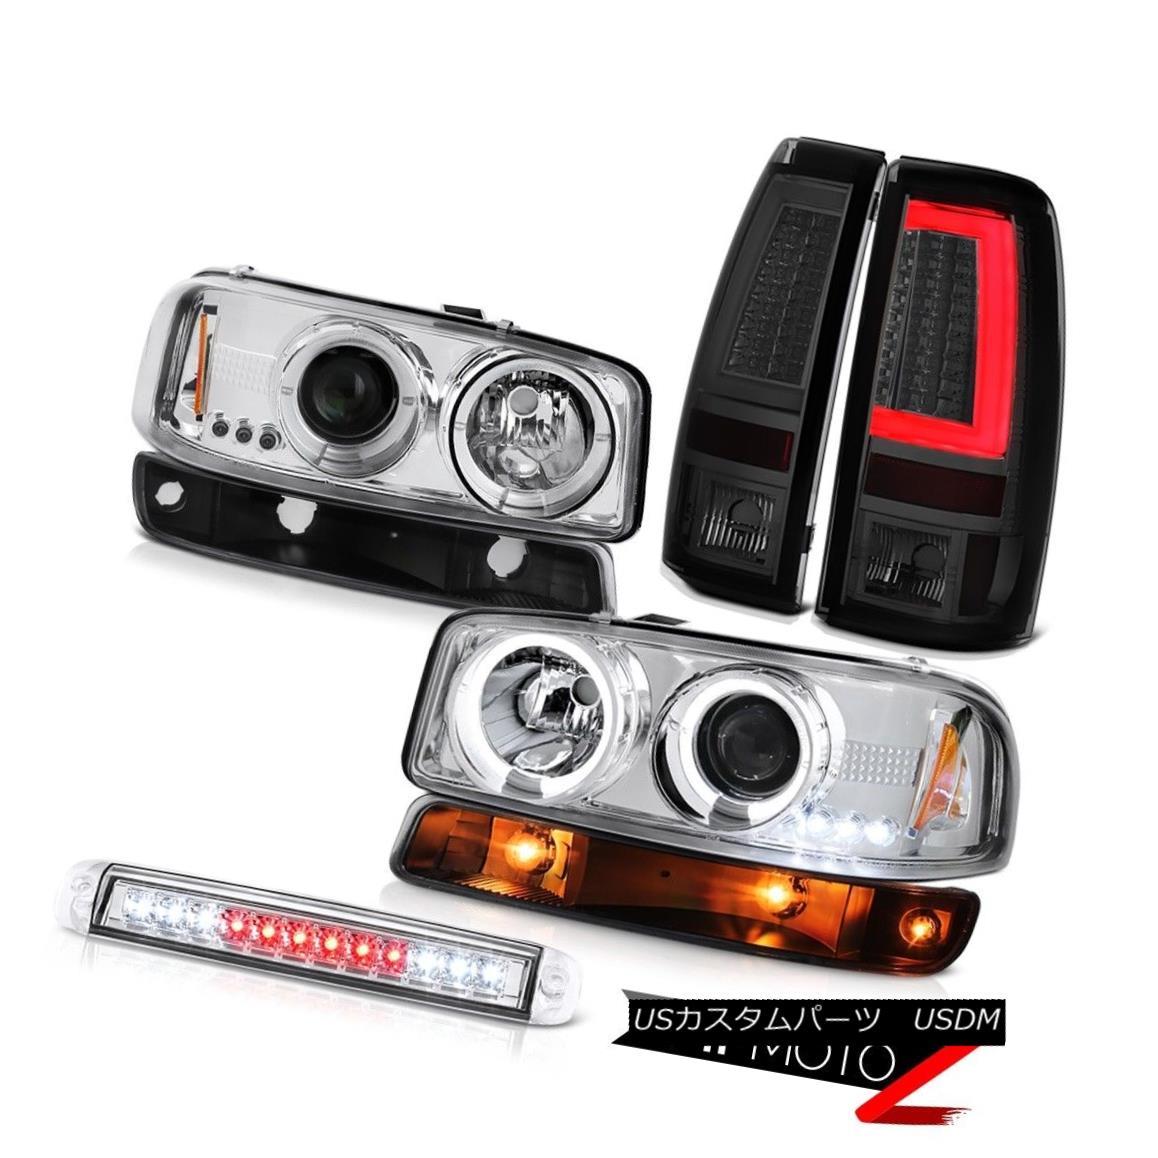 テールライト 99-06 Sierra SLT Tail Brake Lights Third Lamp Parking Light Headlamps Light Bar 99-06シエラSLTテールブレーキライト第3ランプパーキングライトヘッドランプライトバー